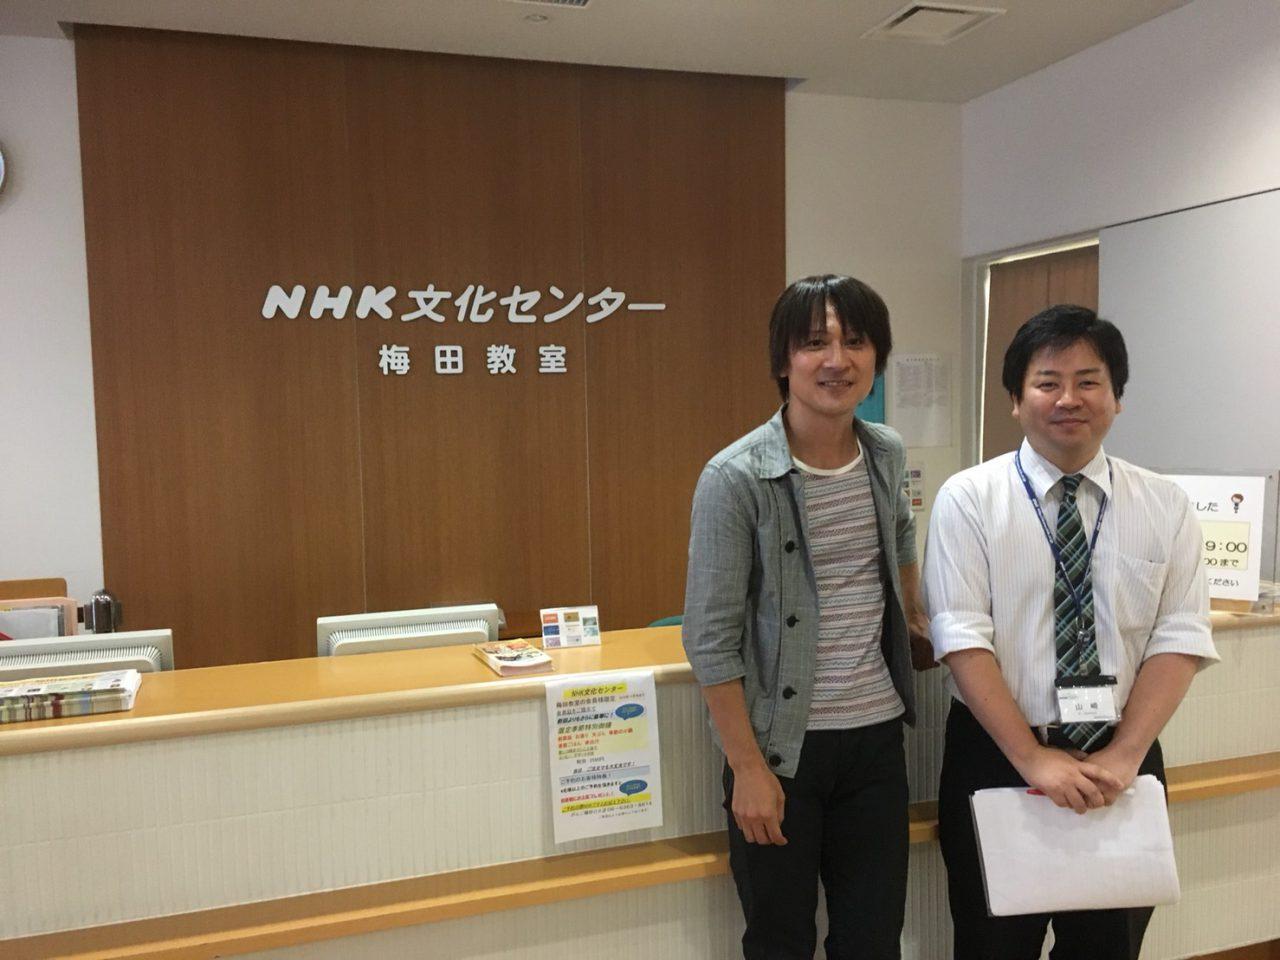 NHKカルチャー 講演会